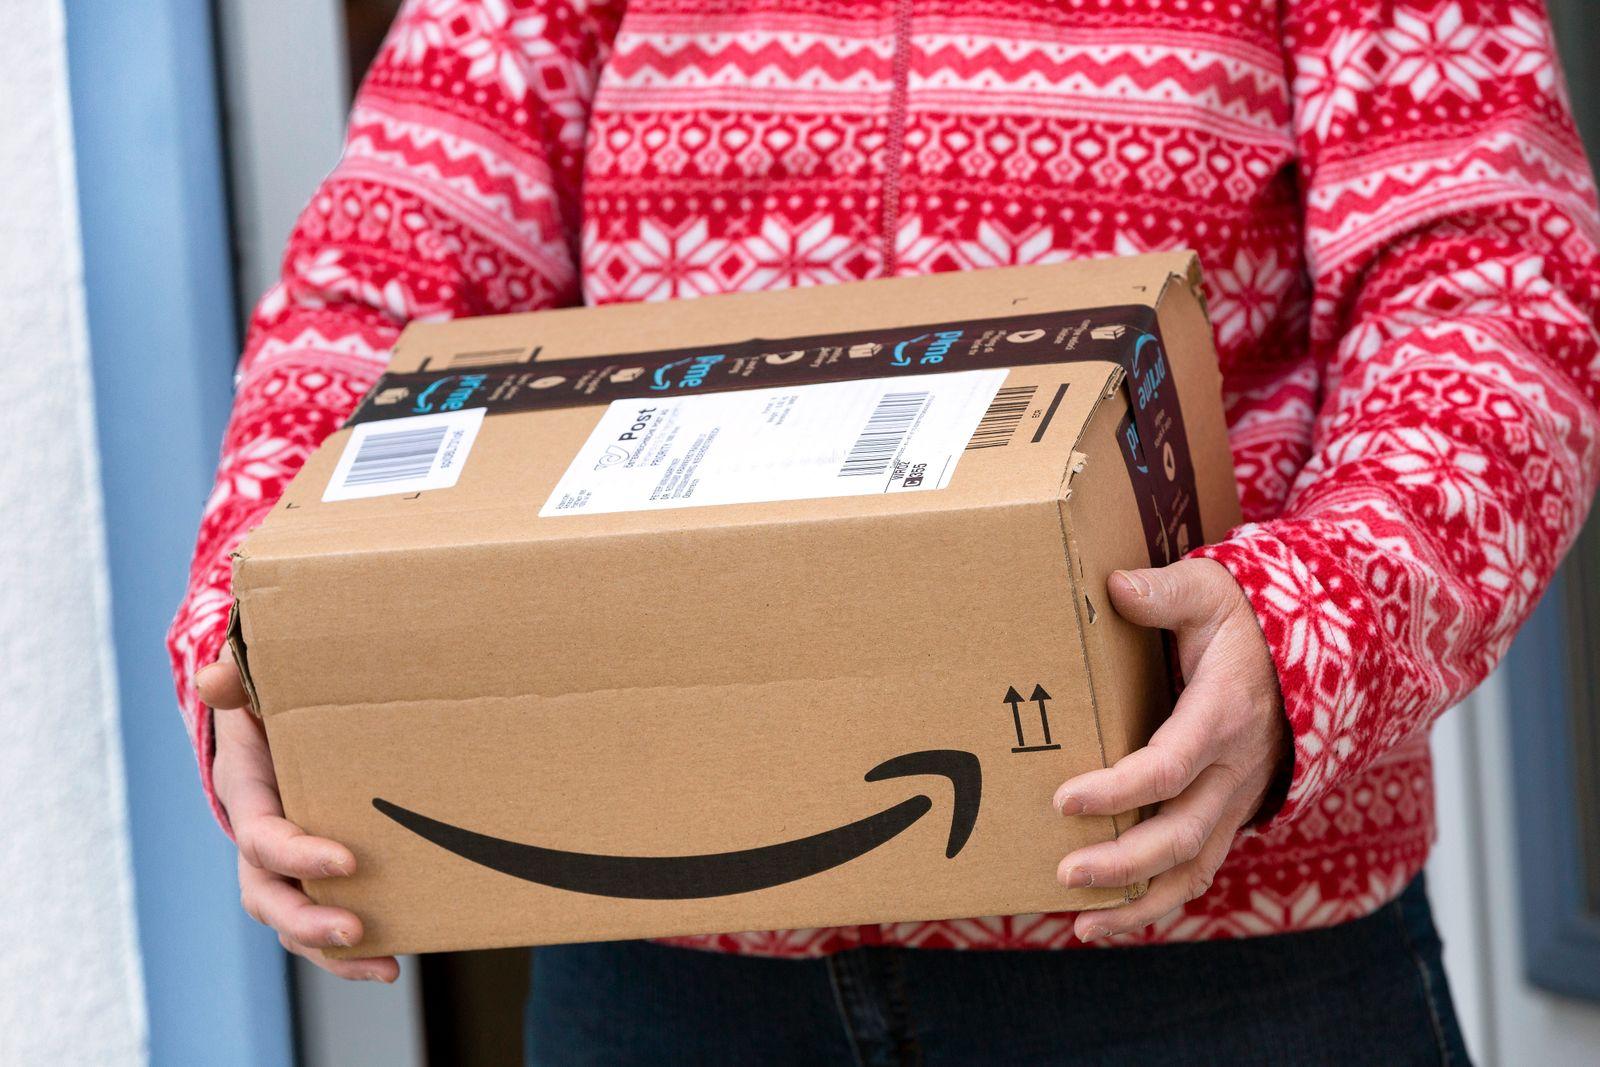 Amazon Prime Paket *** Amazon Prime Package PUBLICATIONxINxGERxSUIxAUTxHUNxONLY 1065517971